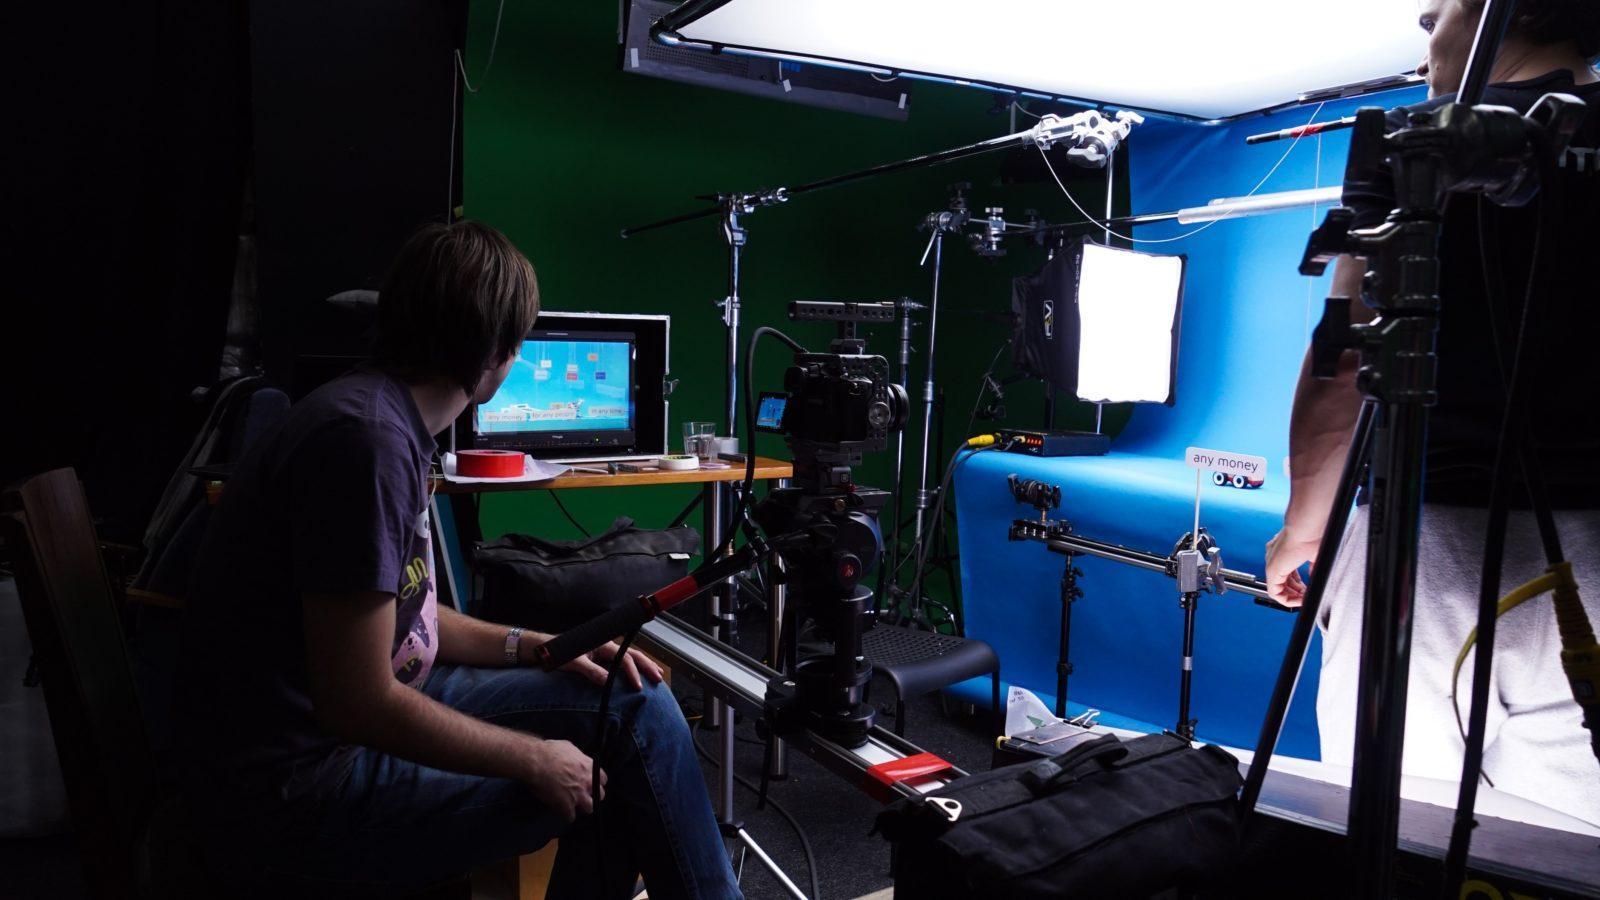 Оператор и режиссер смотрят в монитор в павильоне